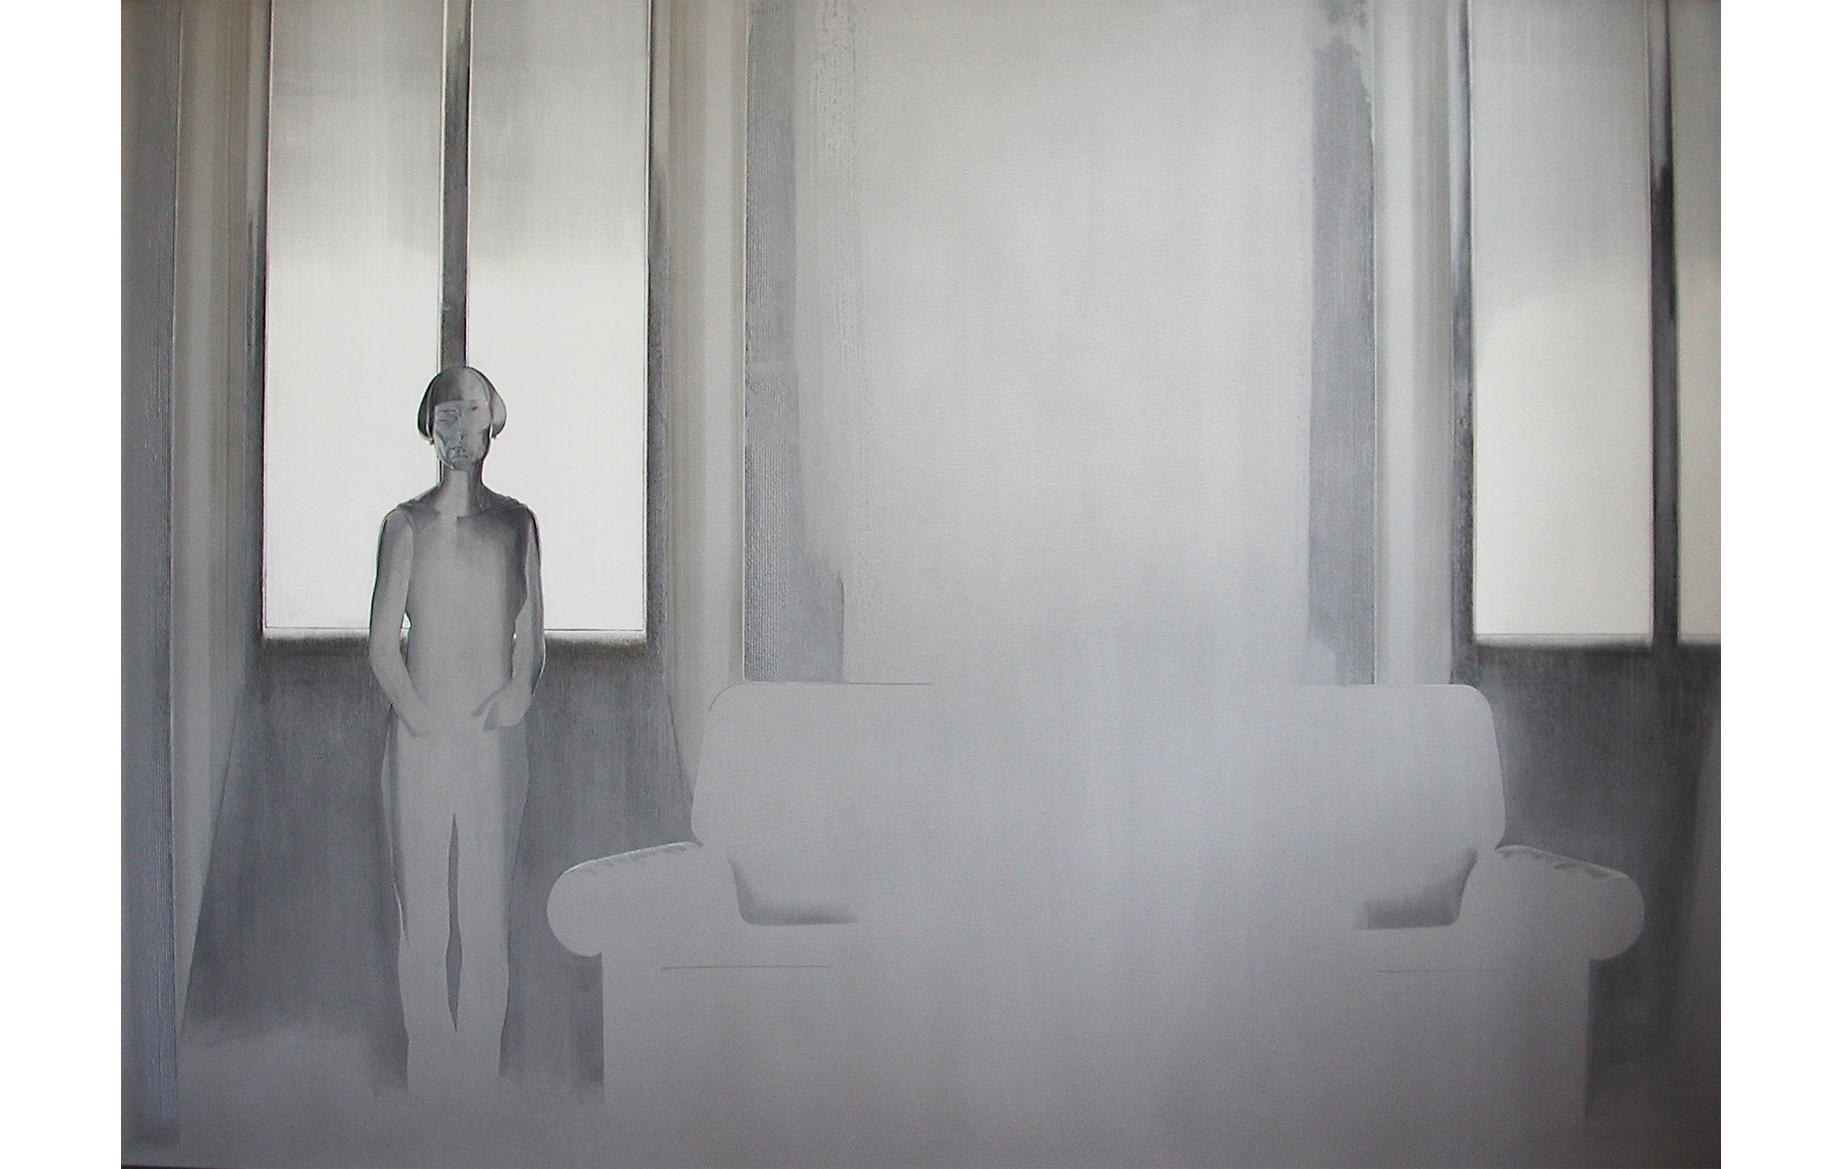 Tarin con gli occhi chiusi 2001 - cm 237x173 - polvere di marmo, sabbia, colori acrilici, pietra pomice su alluminio